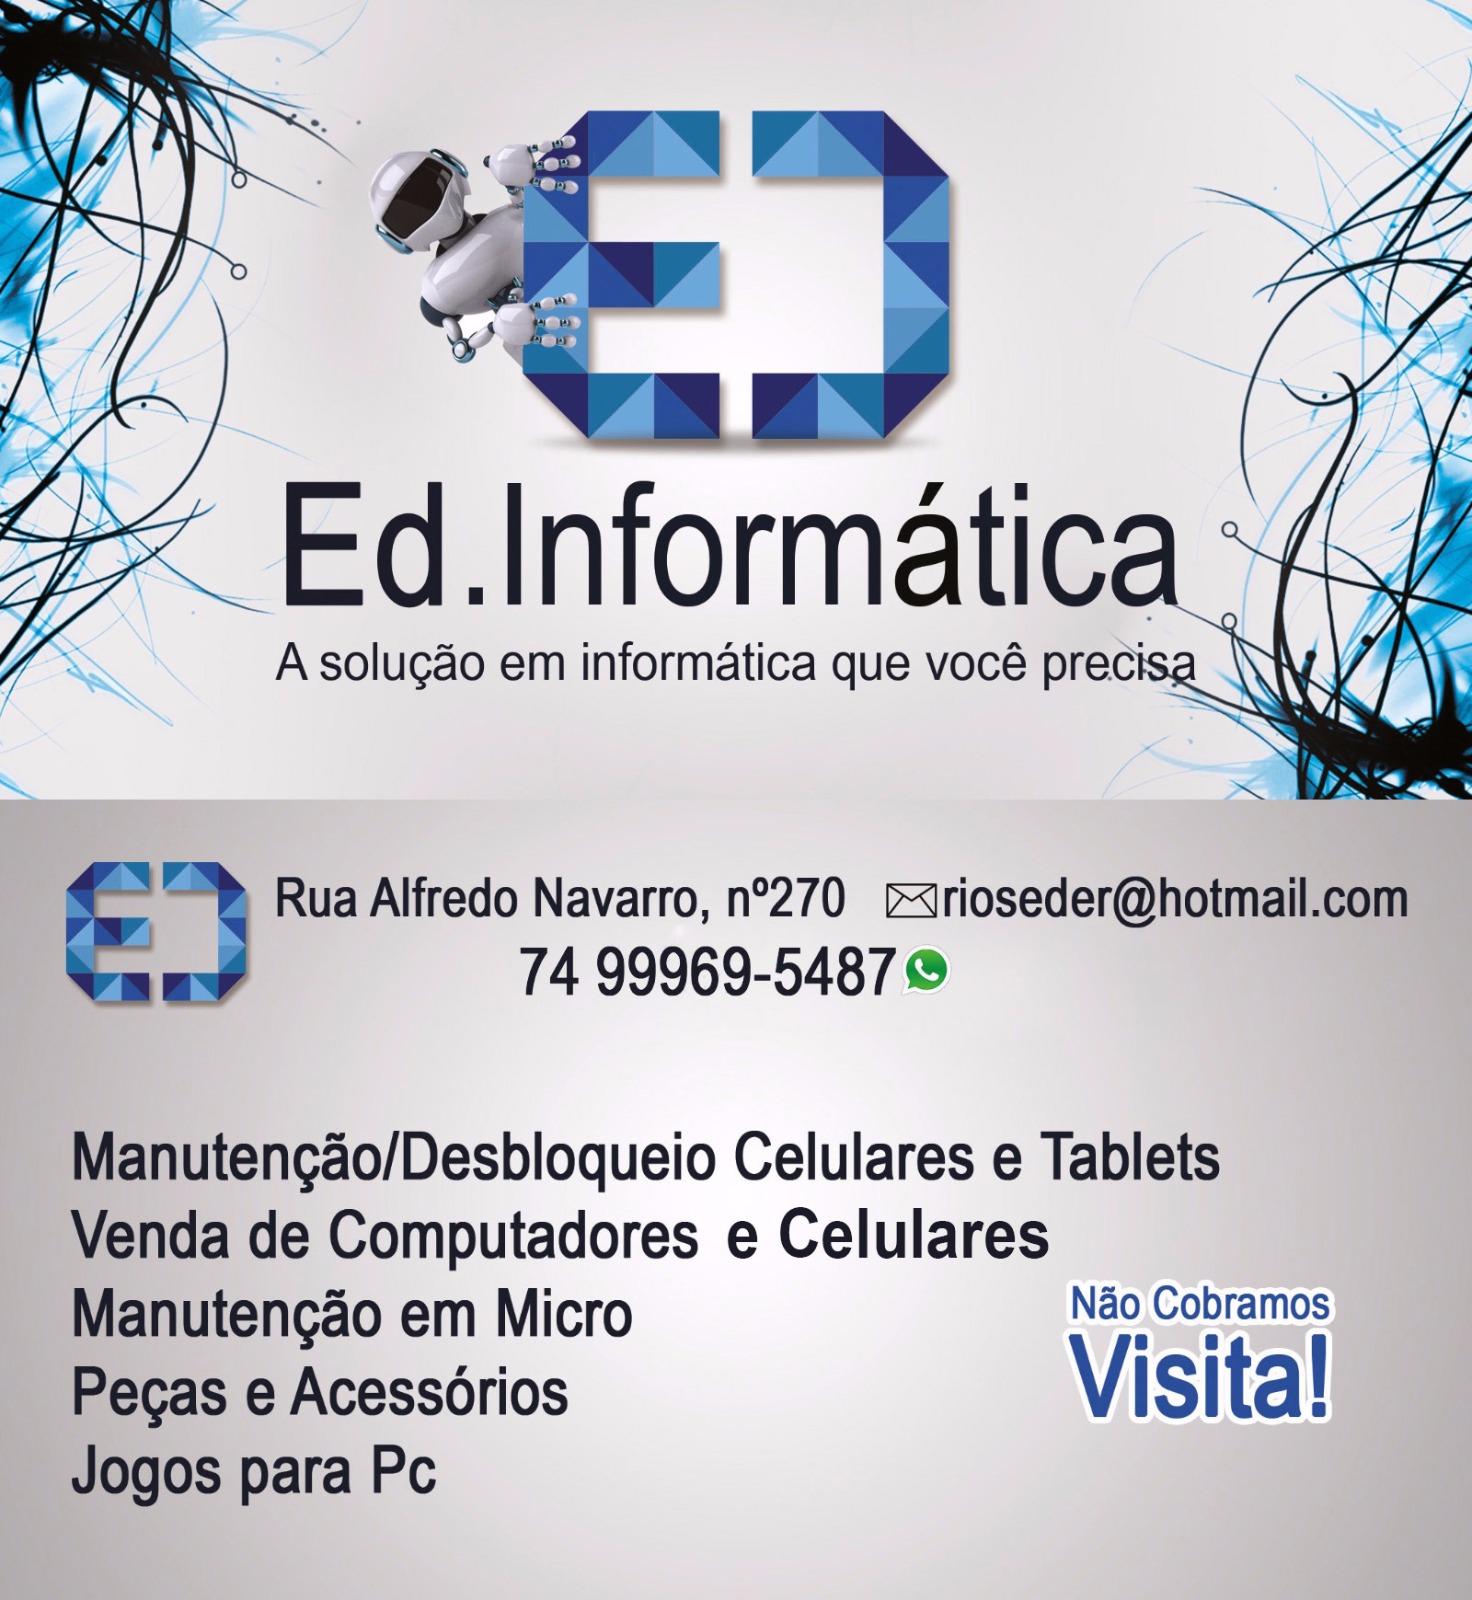 Ed.Informática